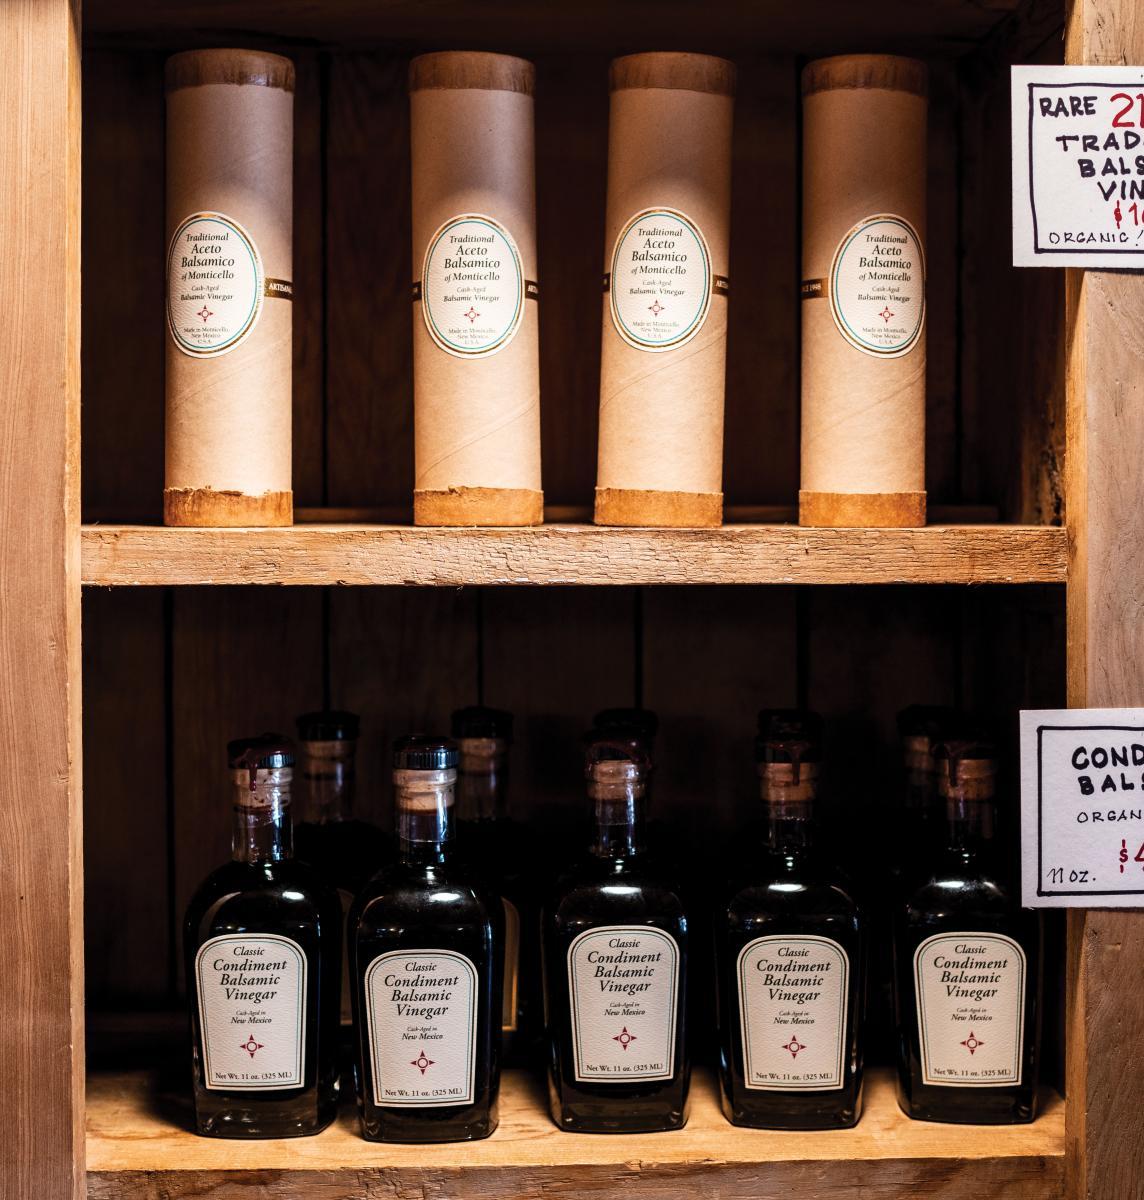 Bottles of tantalizing balsamic vinegar.